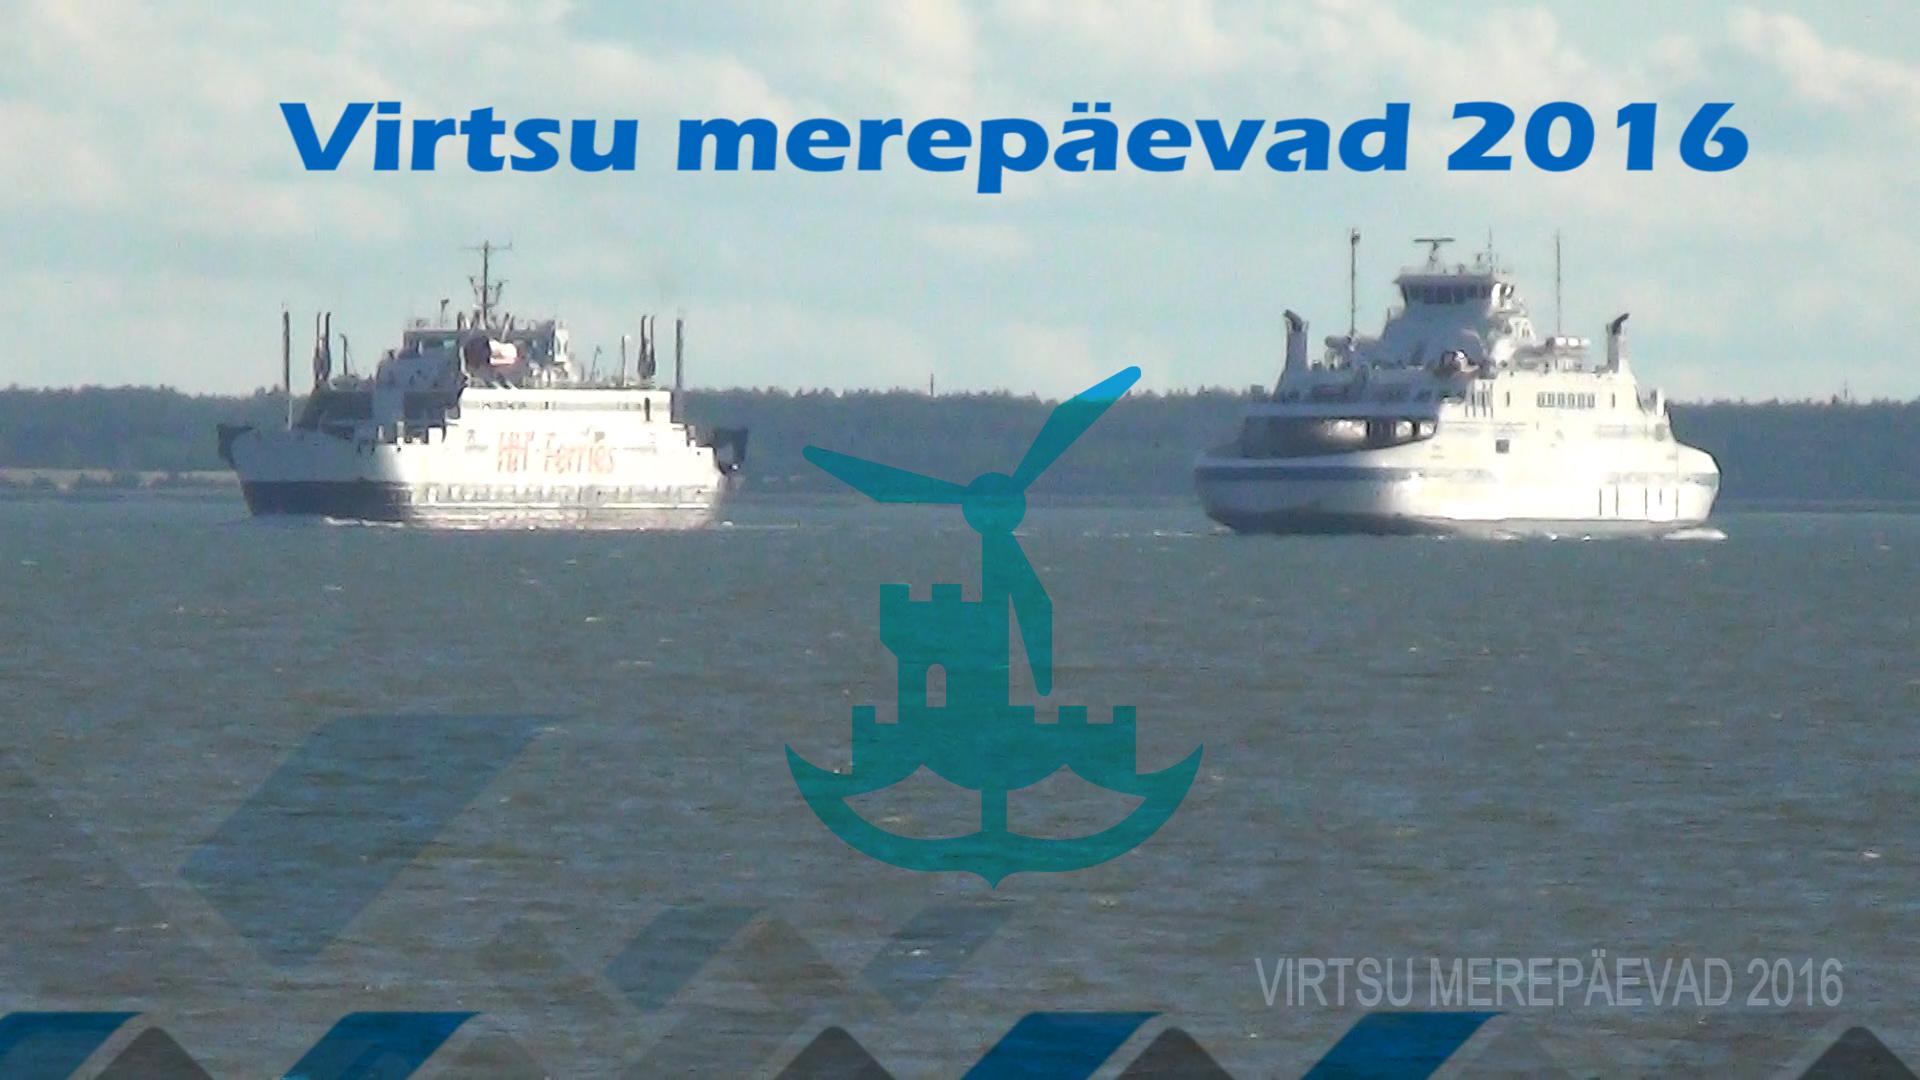 Virtsu merepäevad 2016